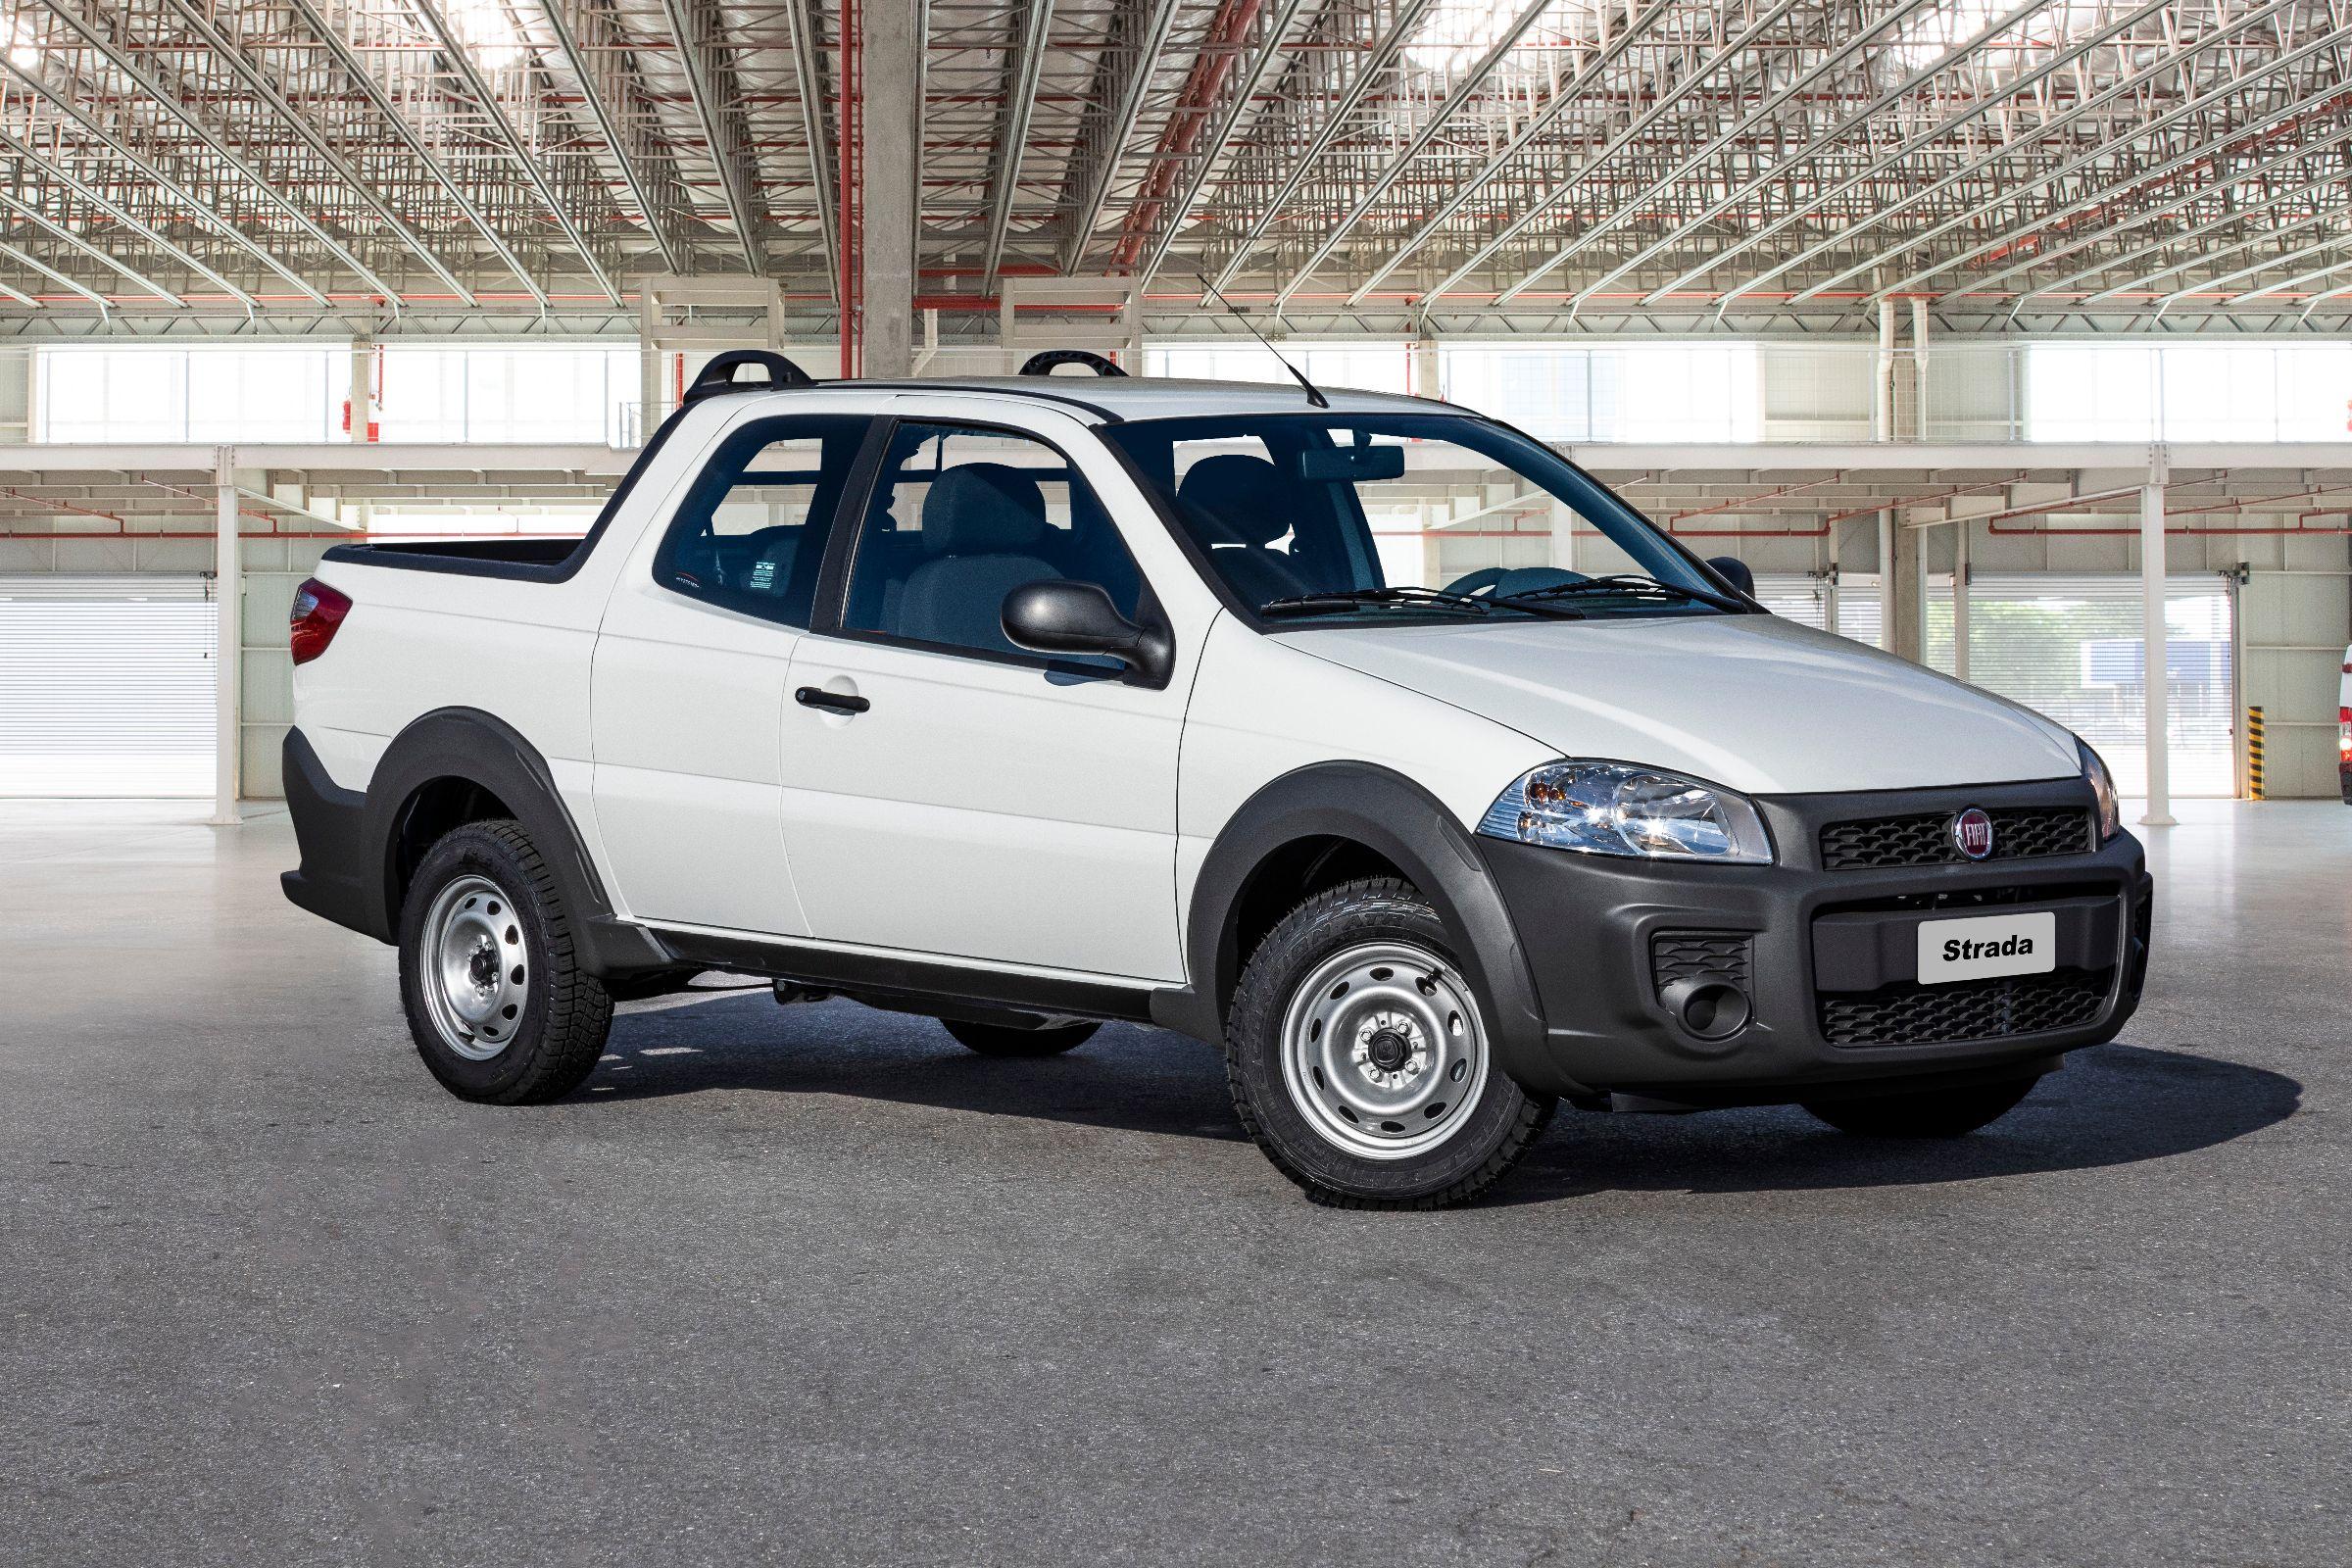 comerciais leves em agosto Nova versão da Freedom vai mostrar se a mira da Fiat está boa para o mercado, no mês que vem